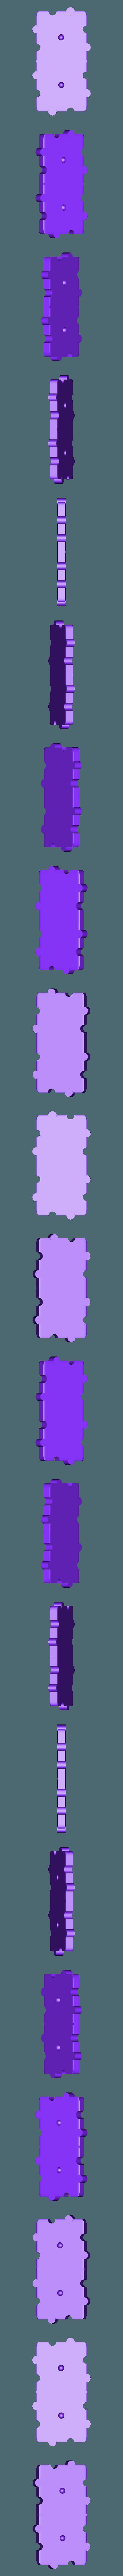 Ligne 1.stl Download STL file Domino 3D • 3D print design, graphismeMIH